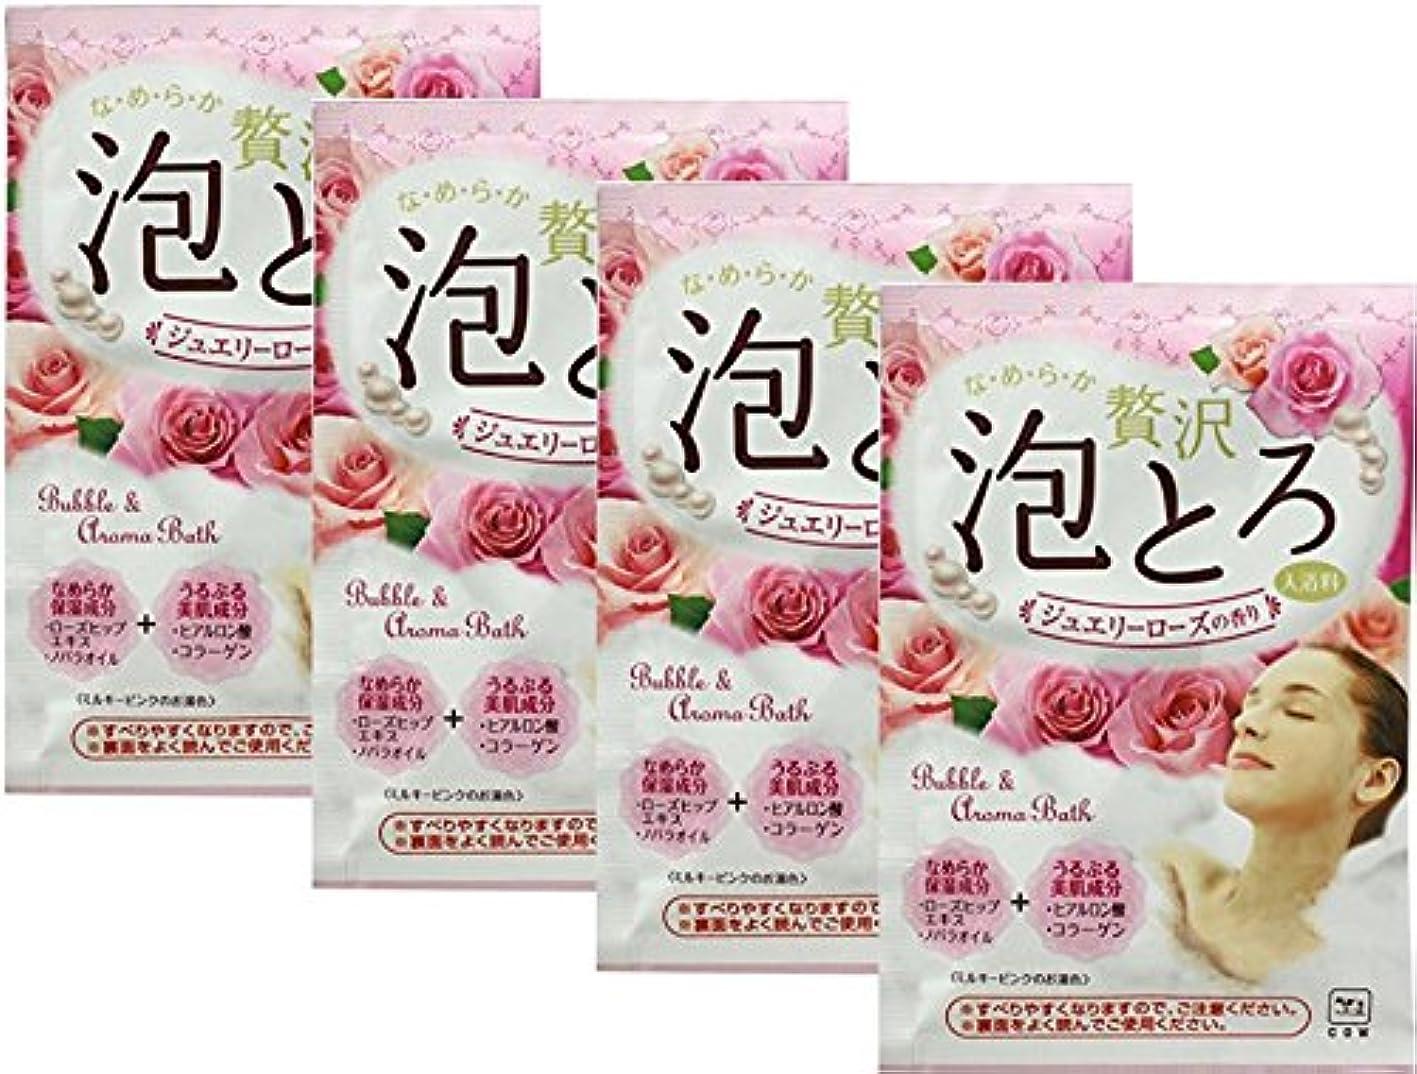 補充どうやって悲鳴牛乳石鹸共進社 贅沢泡とろ 入浴料 ジュエリーローズの香り 30g 【4点セット】